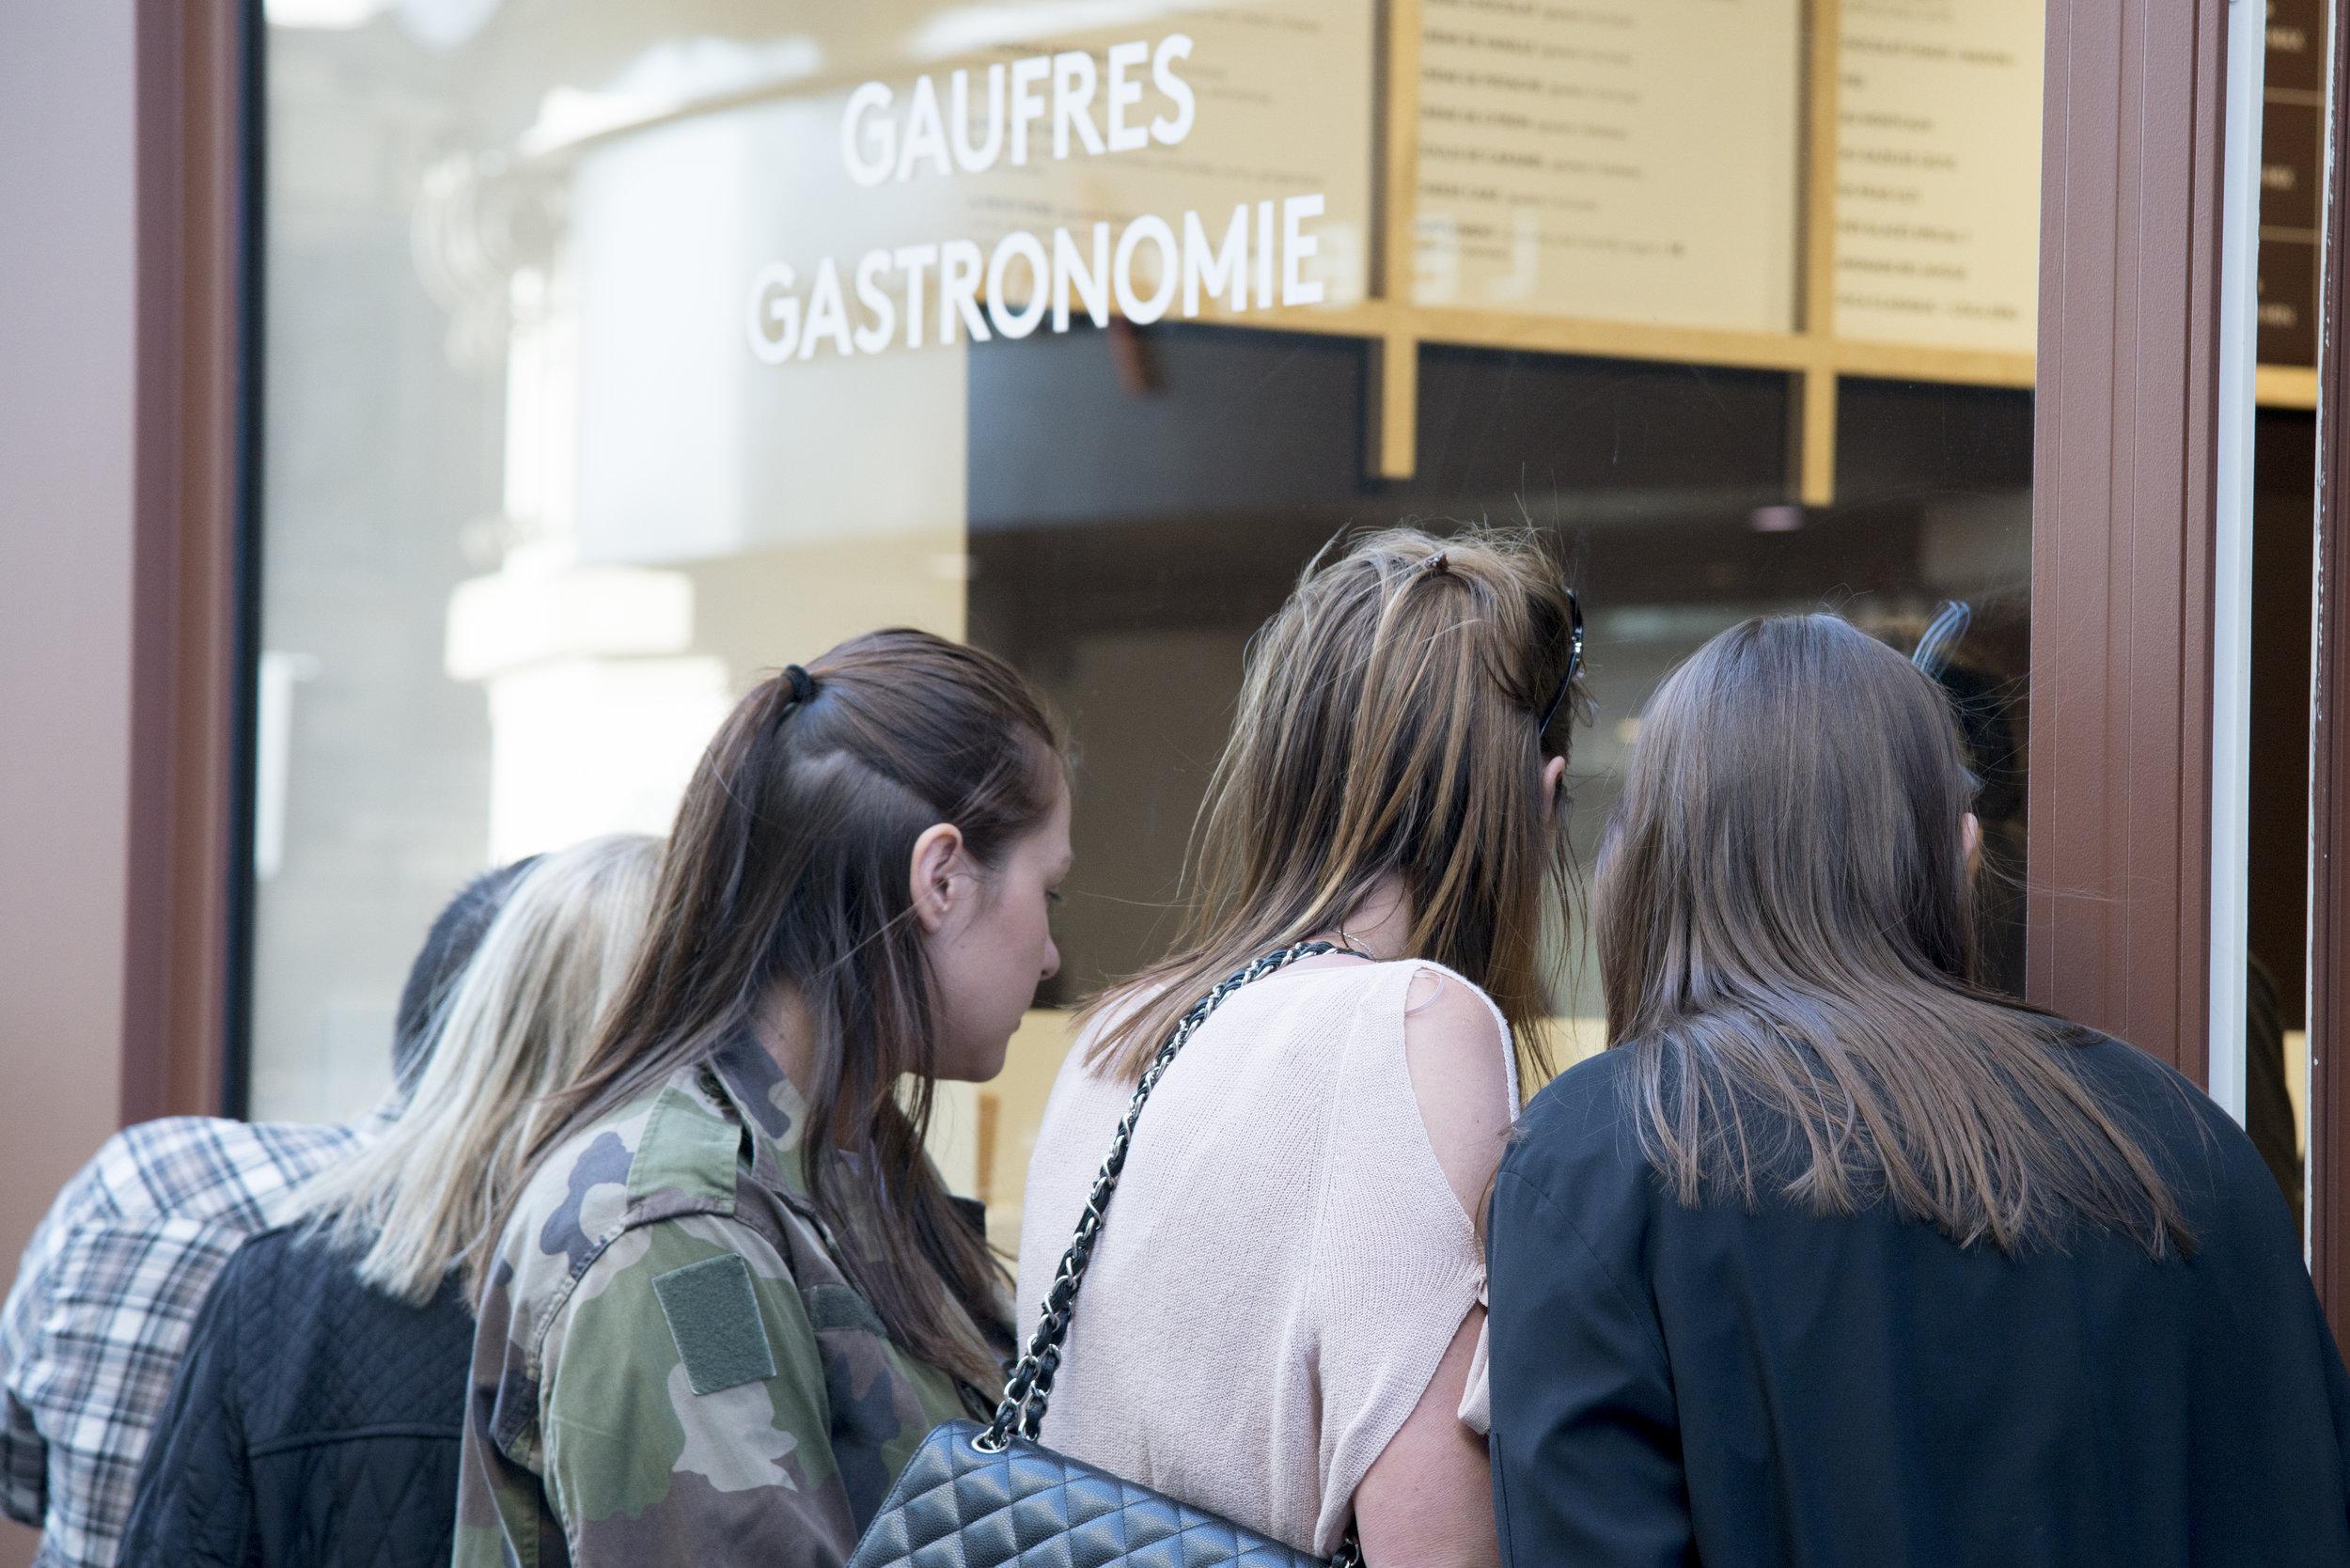 Yummy & Guiltfree est une enseigne un peu atypique : ses gaufres sans gluten ni lactose attirent les gourmands comme les curieux, et de nombreuses questions reviennent régulièrement. Nous y répondons donc ici ! Et n'hésitez pas à nous poser d'autres questions dans le formulaire ci-dessous !   Pourquoi les gaufres sont-elles plus foncées que les gaufres de la fête foraine ?   Les gaufres sucrées Yummy & Guiltfree acquièrent leur jolie robe dorée grâce au sucre de canne contenu dans la pâte. Naturellement plus foncé que le sucre blanc car moins raffiné, c'est lui qui colore la pâte   Yummy & Guiltfree vend-il des gaufres au Nutella ?   Au lieu de Nutella, Yummy & Guiltfree propose sa pâte à tartiner maison, un savant mélange de pâte de noisettes torréfiées à coeur et de cacao pur Valrhona pour une texture et un goût inimitables.   Est-il possible d'ajouter de la chantilly aux gaufres Y & G ?   Bien sûr ! Et pas n'importe quelle chantilly : de la chantilly vegan ! Ainsi, même les intolérants au lactose peuvent se permettre ce petit plaisir.   Pourquoi les gaufres sucrées ont-elles un petit bâtonnet ?    Le bâtonnet et le petit noeud en satin sont la signature de Yummy & Guiltfree sur les gaufres sucrées. Mais ce n'est pas qu'une question d'esthétique ! Le bâtonnet permet notamment de savourer sa gaufre en toute élégance, du bout des doigts mais à pleine bouche !   Le fait qu'elles soient sans gluten ni lactose change-t-il quelque chose aux gaufres Y & G ?   Oui… elles sont plus légères ! La pâte à gaufres a été développée pendant plus de 2 ans pour obtenir un résultat aérien tout en gardant le moelleux et le croustillant de la gaufre de notre enfance. Pour ce faire, la farine de blé y a été remplacée par un mix de farines de quinoa, millet, maïs et riz.   Proposez-vous d'autres produits que les gaufres ?   Oui ! Nous vendons également de délicieux gâteaux de voyage (madeleines et financiers à ce jour) sans gluten et réalisés par notre chef Damien Cassart et ses équipes